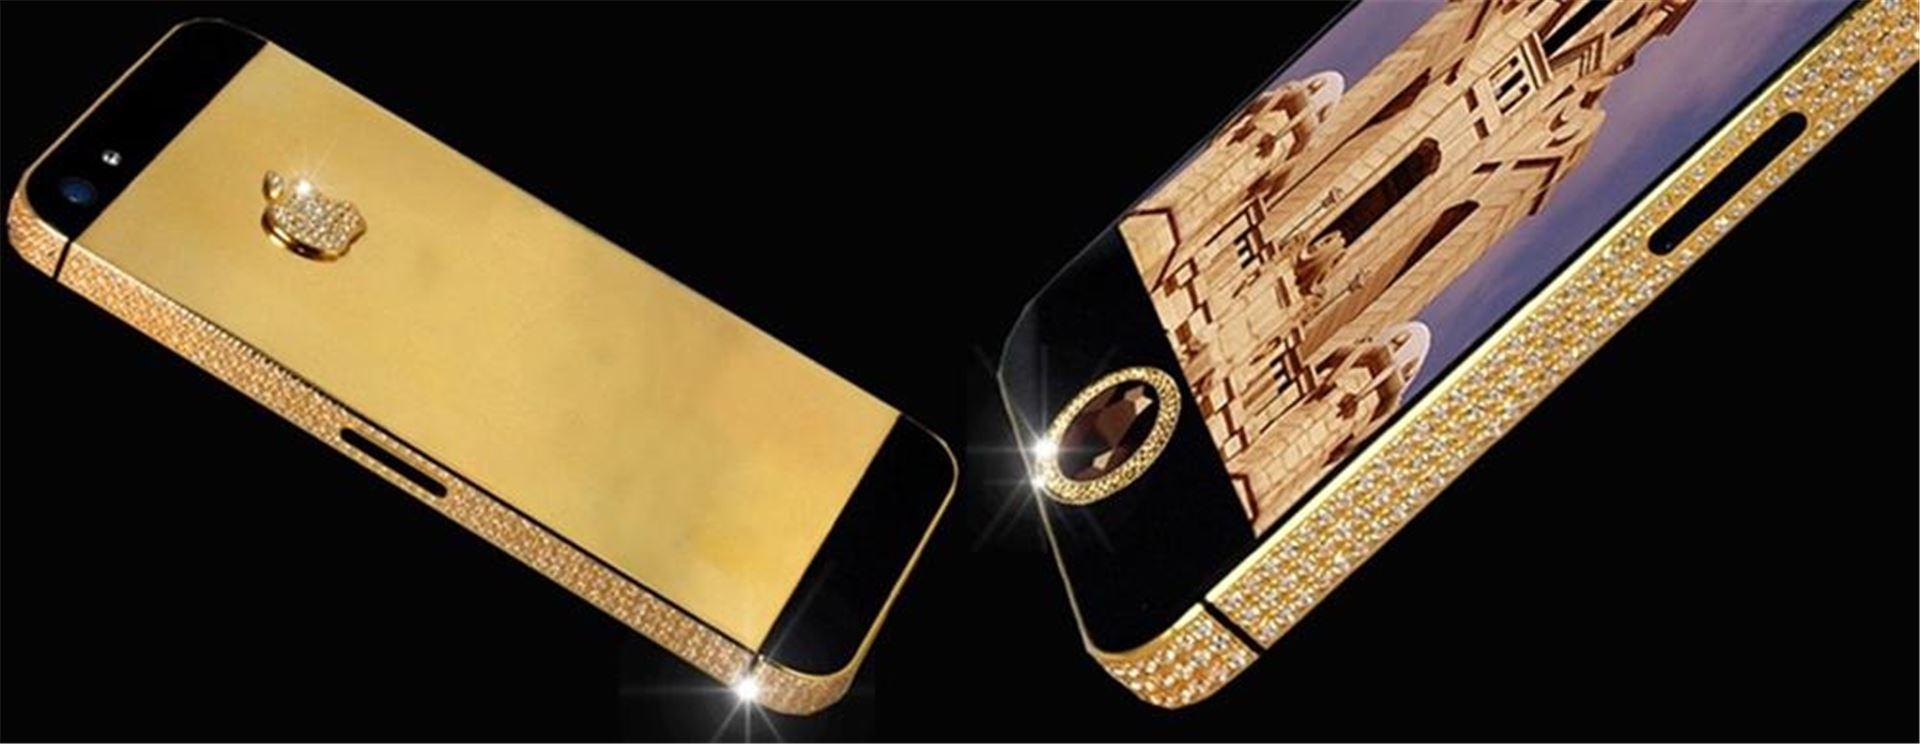 сторону самый хороший телефон в мире фото можно